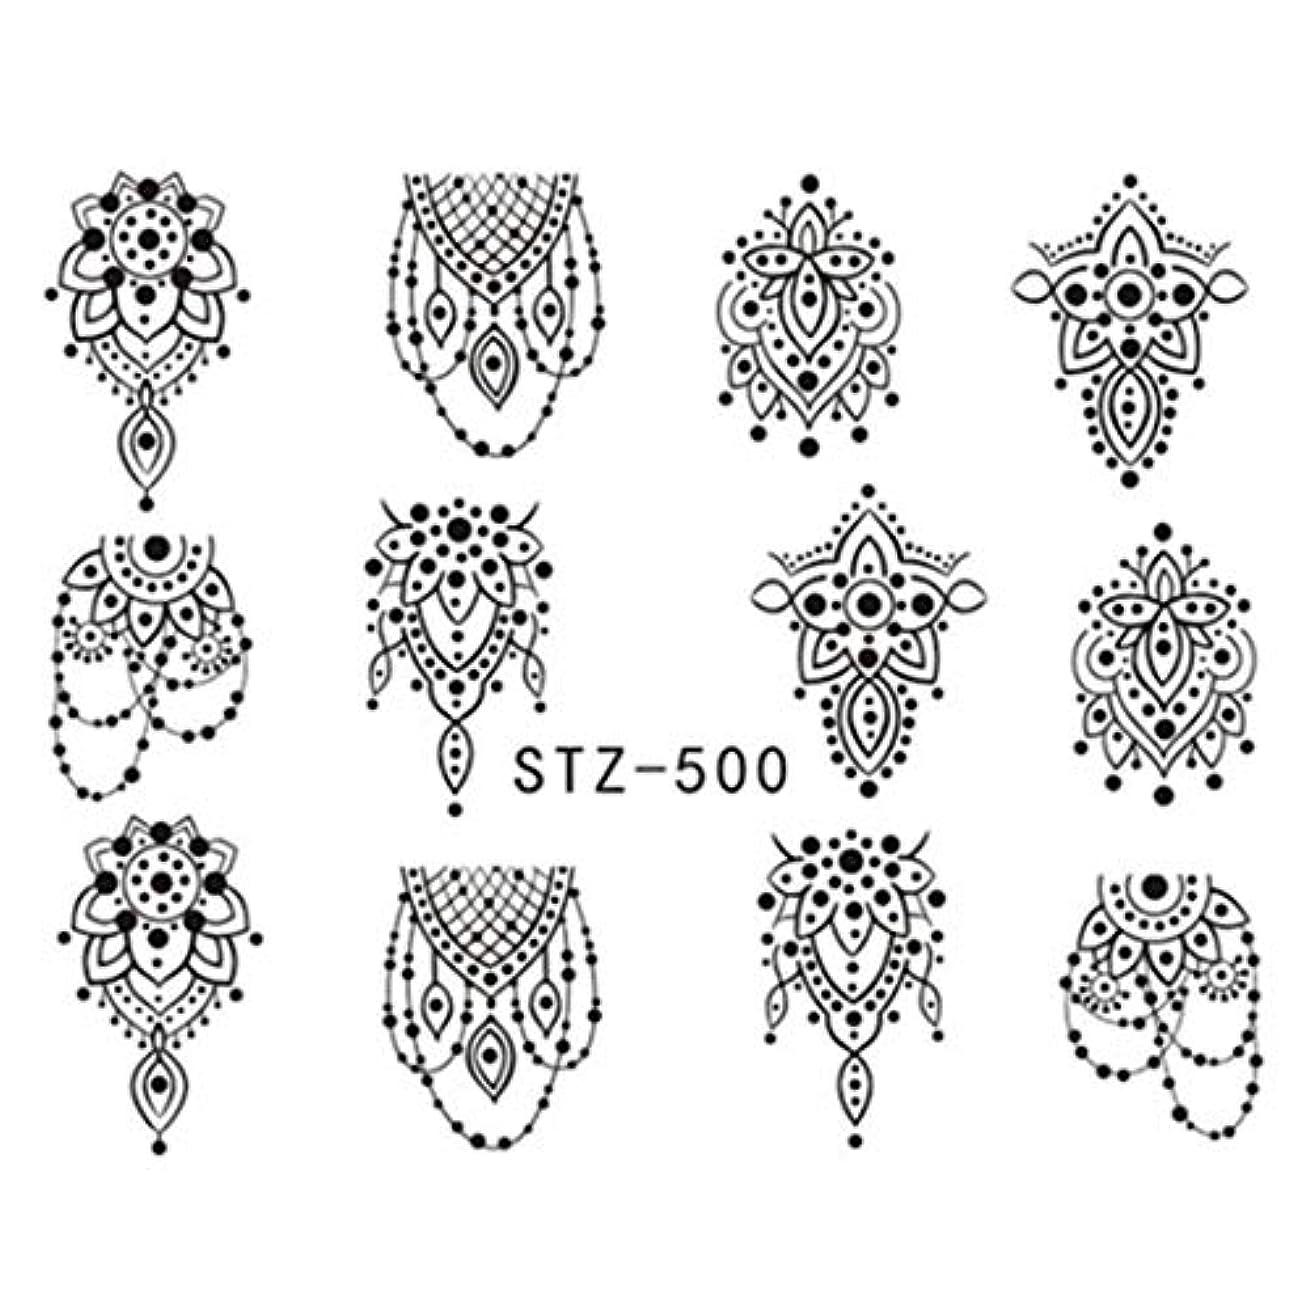 ロードブロッキング黒くするインシデントWadachikis フランスのフランスのアートネックレスの装飾パターンアップリケ(None STZ500)